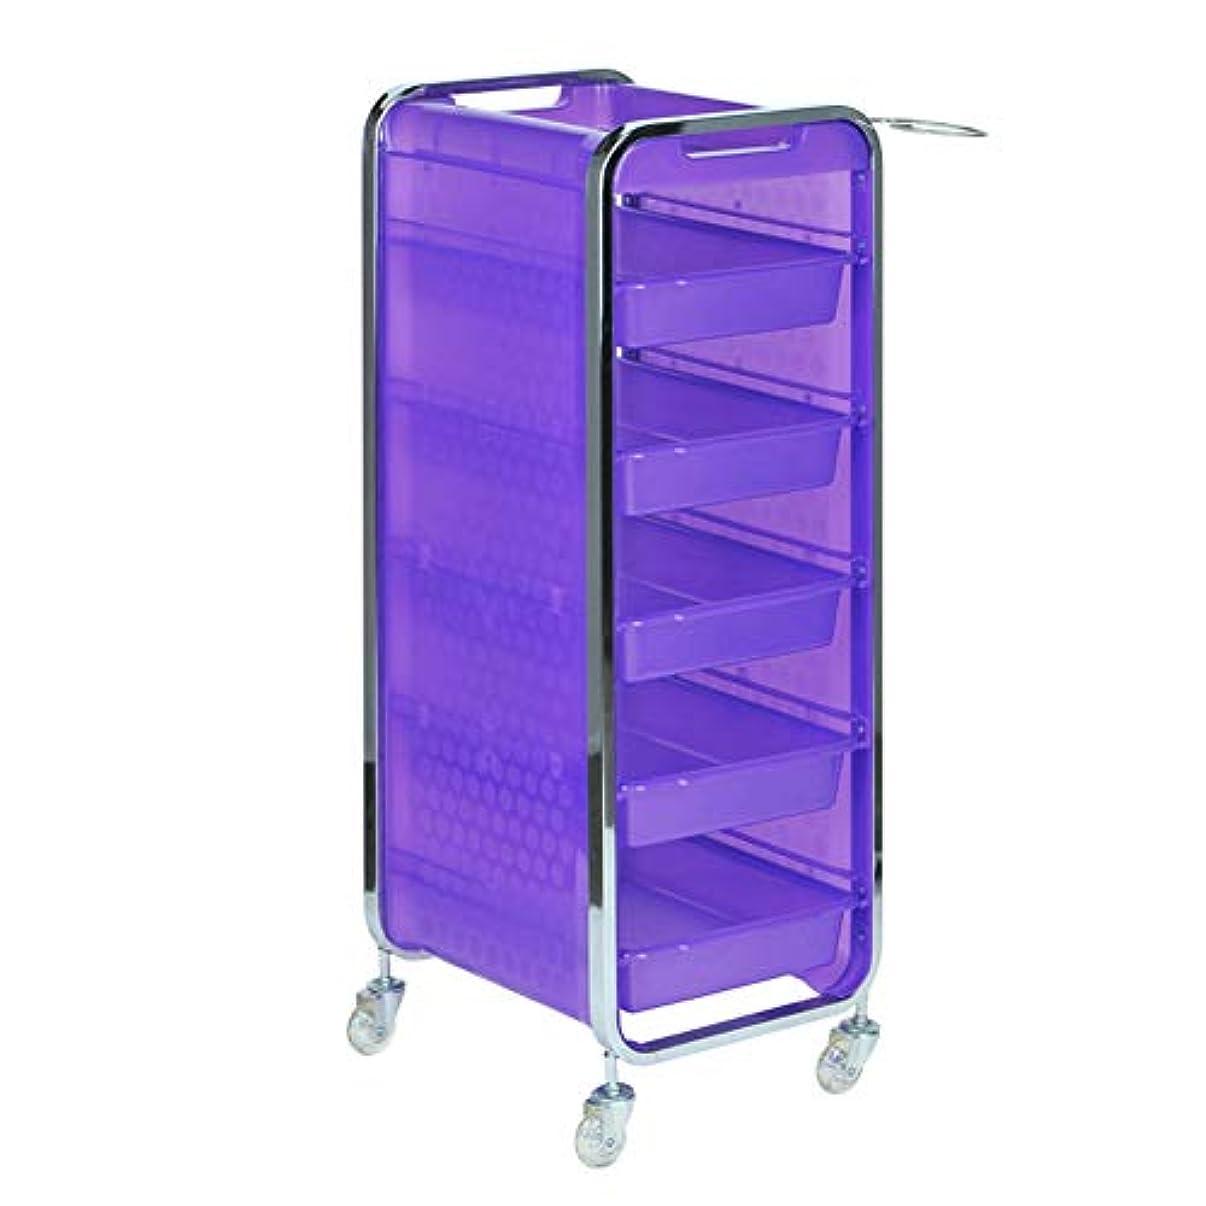 ロードされたエミュレーション不安定サロン美容院トロリー美容美容収納カート6層トレイ多機能引き出し虹色,Purple,A